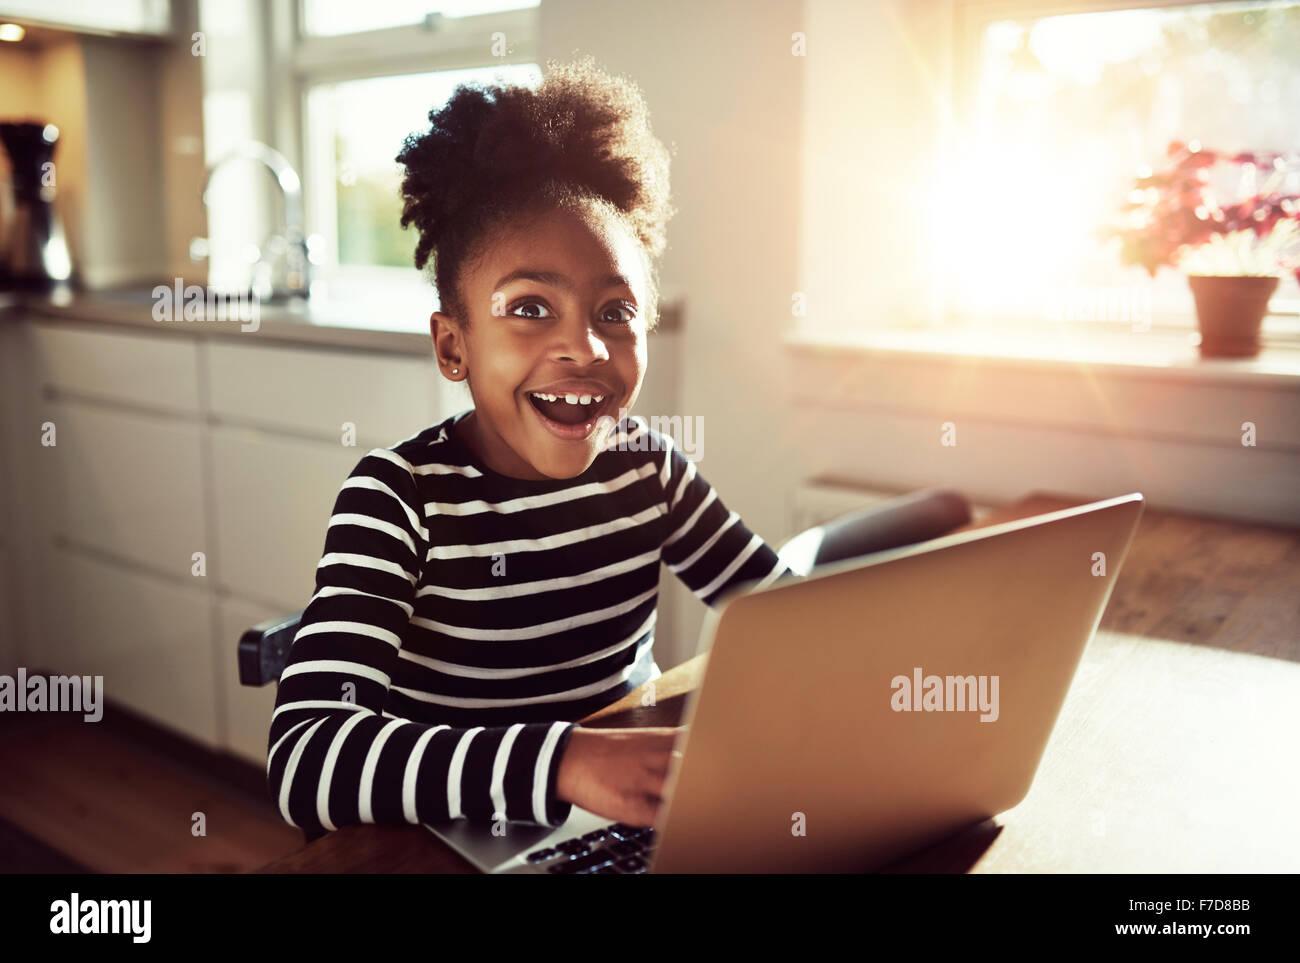 Nero ragazza seduta la riproduzione su un computer portatile a casa guardando la telecamera con una gioiosa espressione Immagini Stock